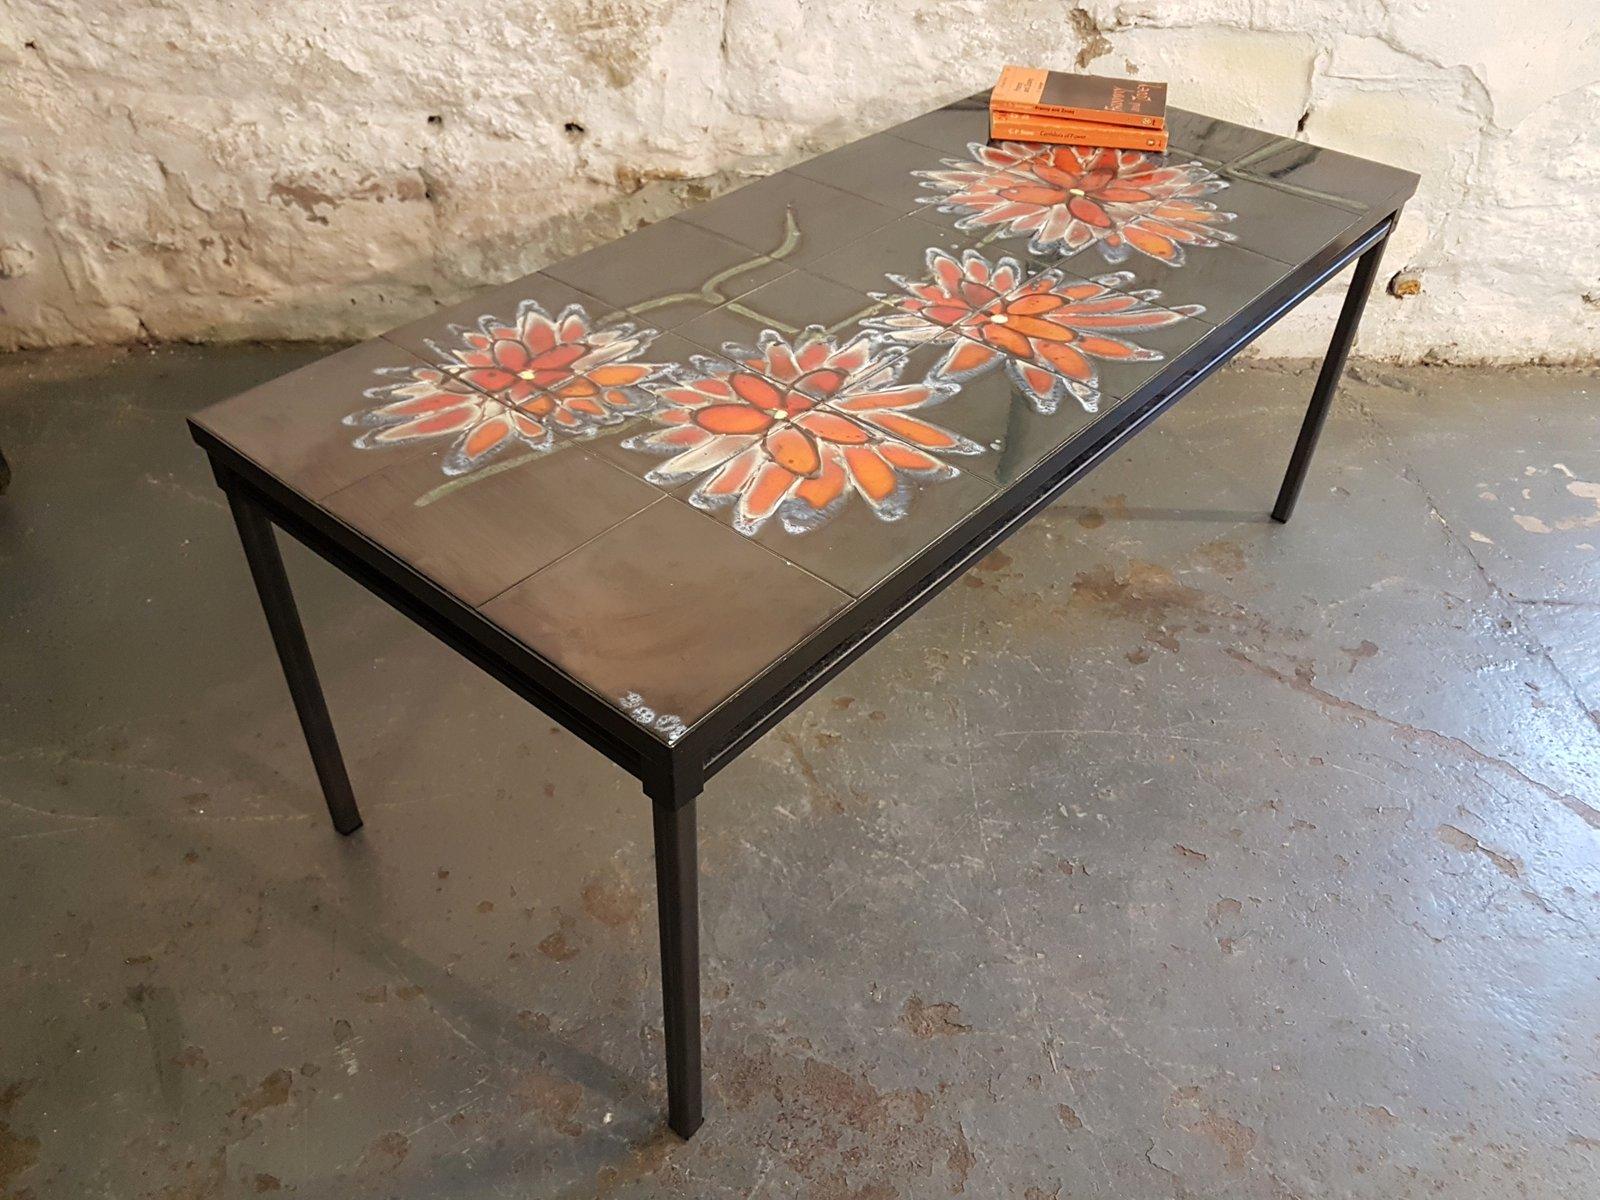 Tavolo con piastrelle nere e fiori arancioni di adri anni in